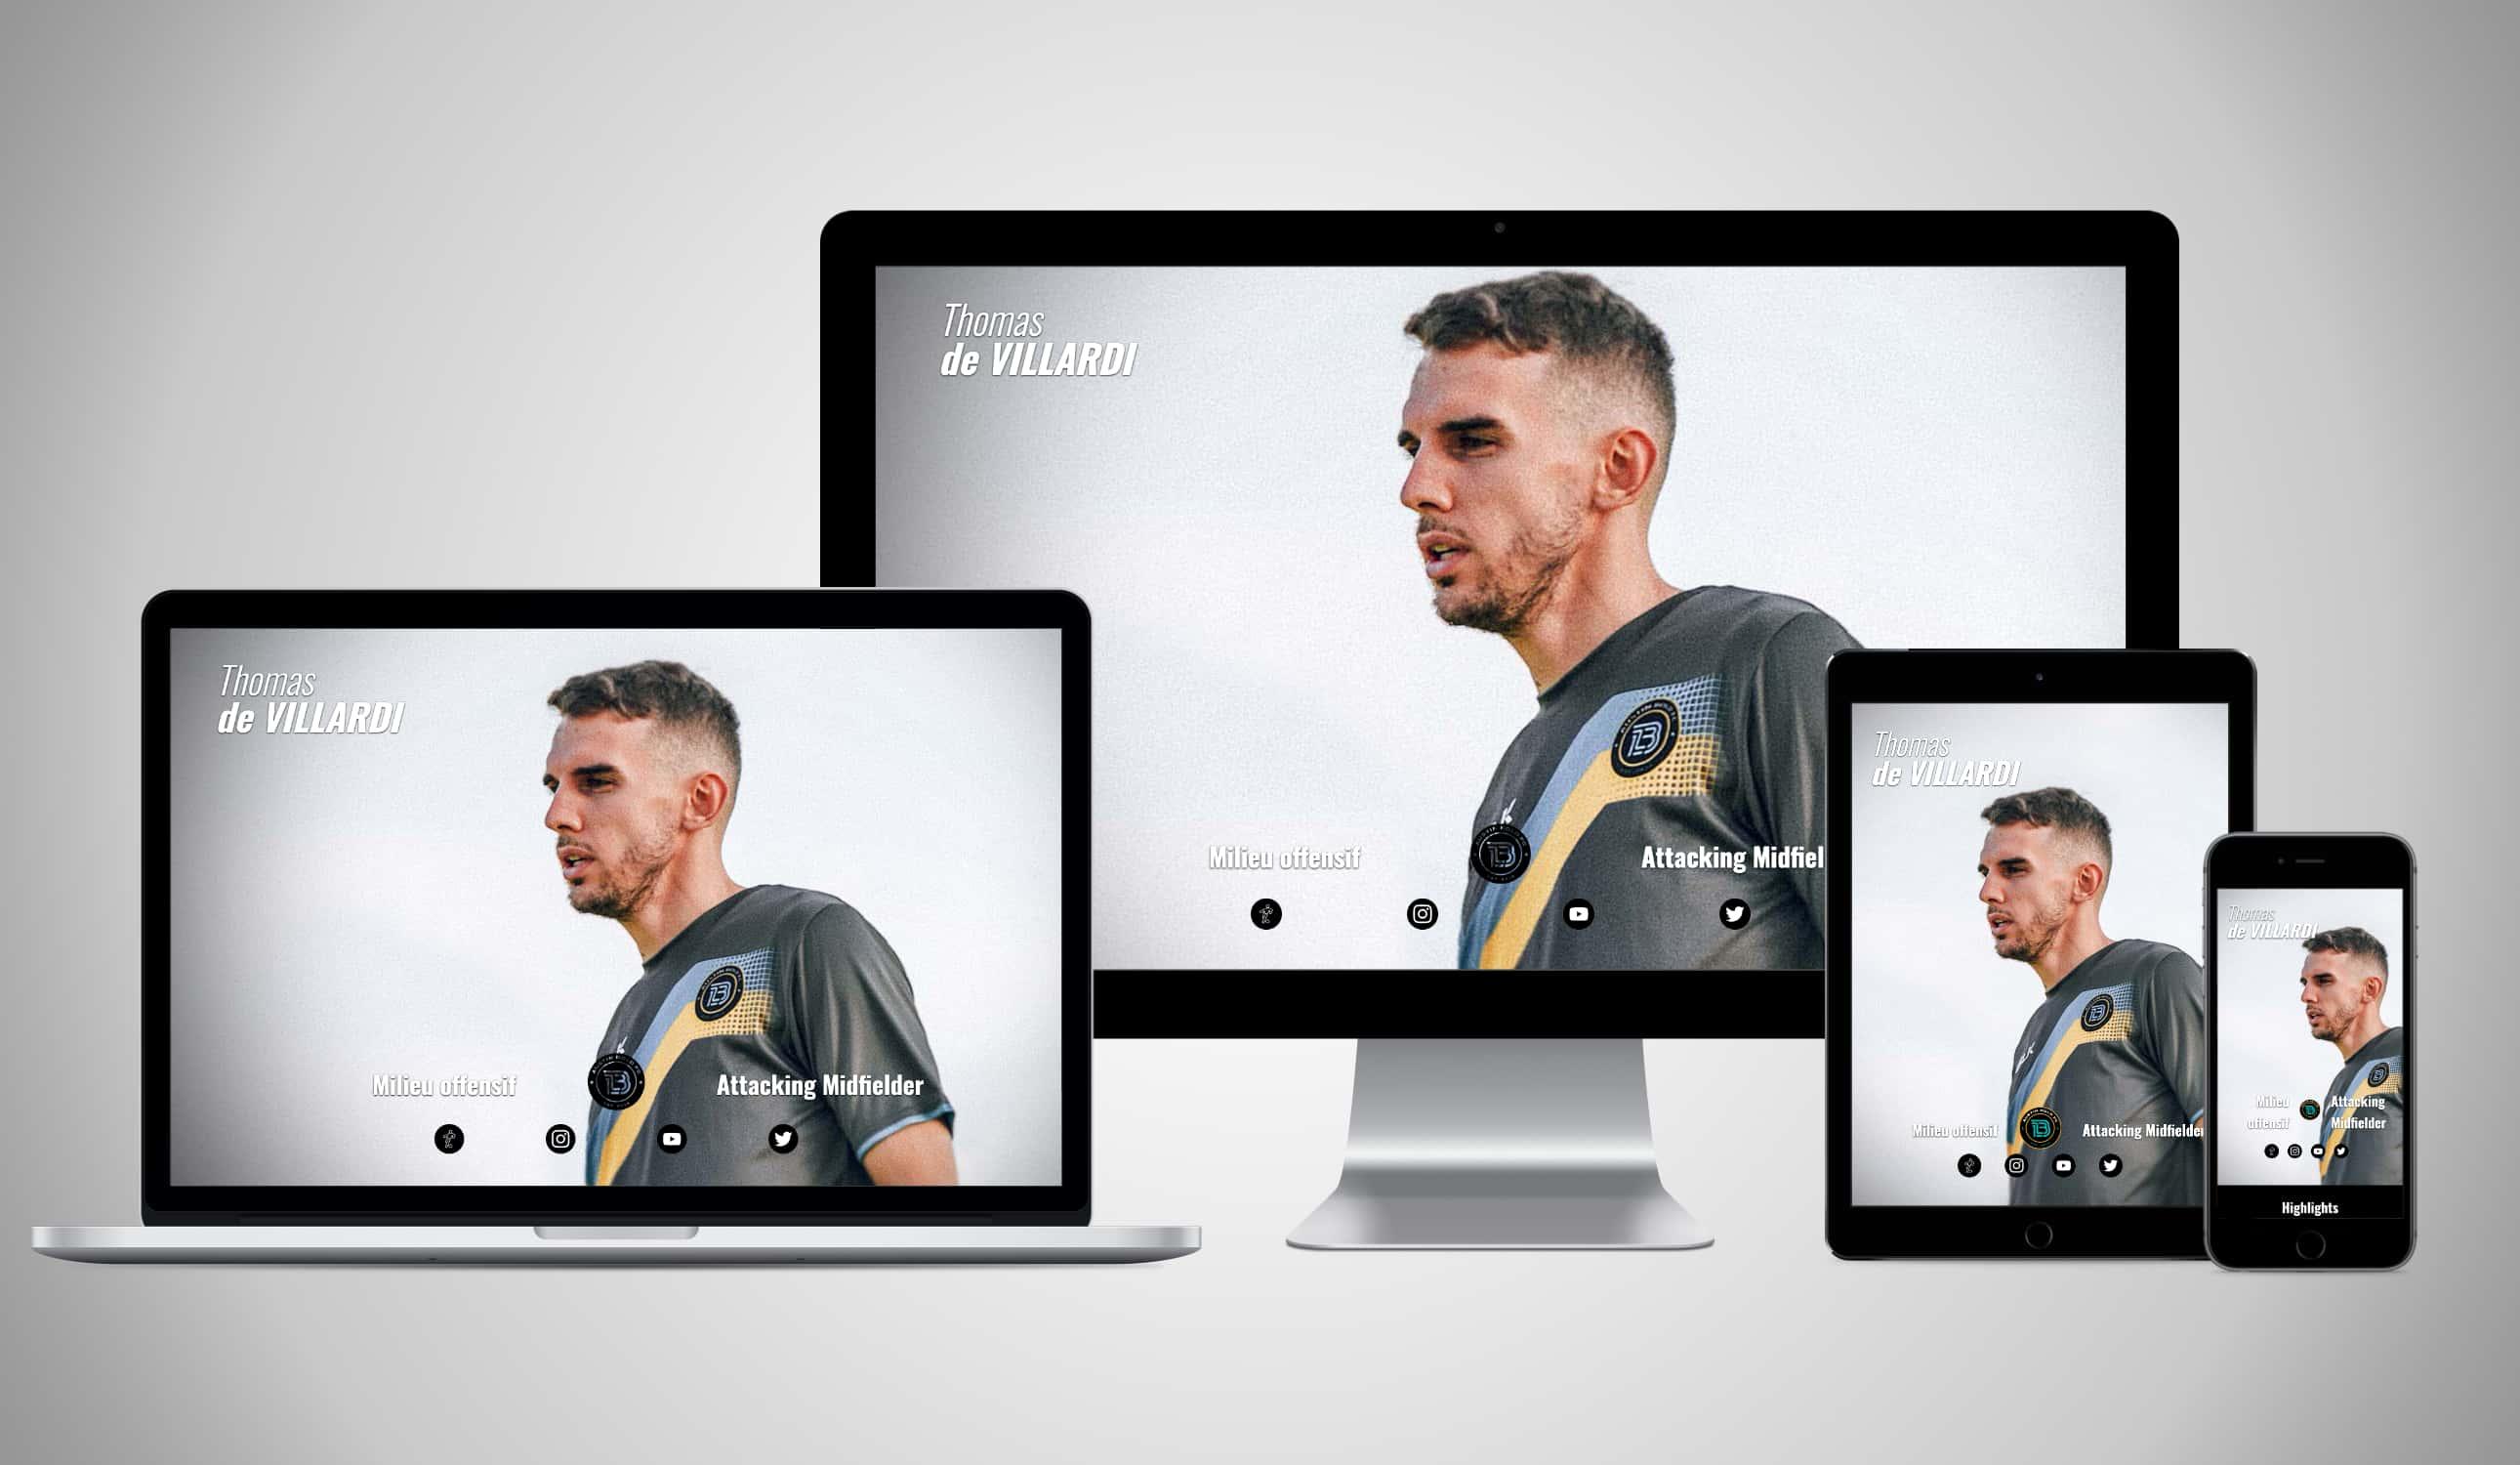 Captures du site Thomas deVillardi sur différents écrans